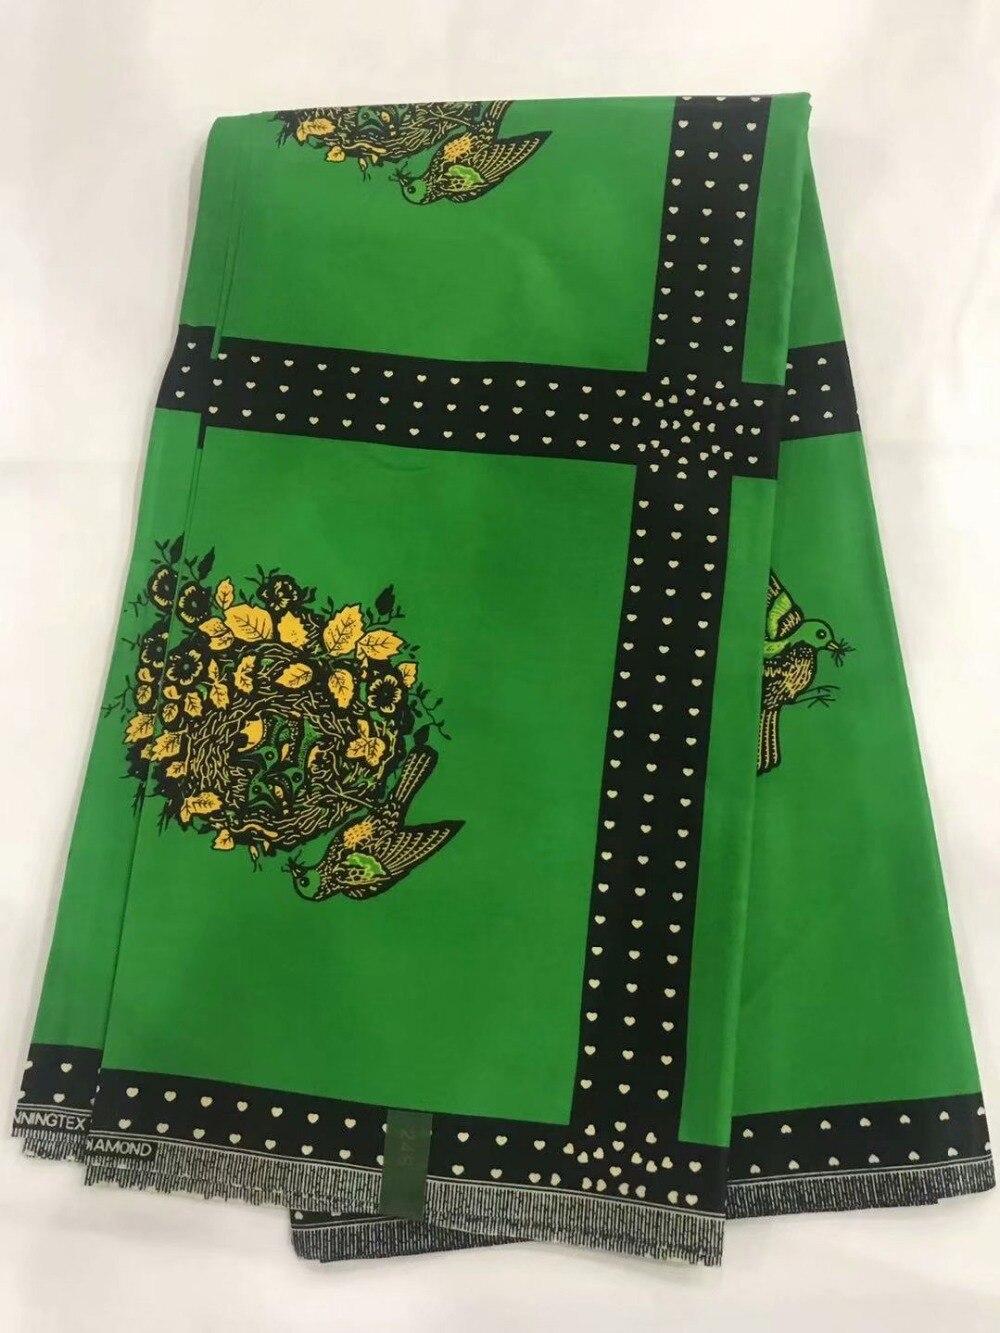 Diseño único kente java cera fabrics 6 yardas hermosos patrones 100% algodón ankara bloque africano cera tela de impresión para vestido ¡! OT-4133